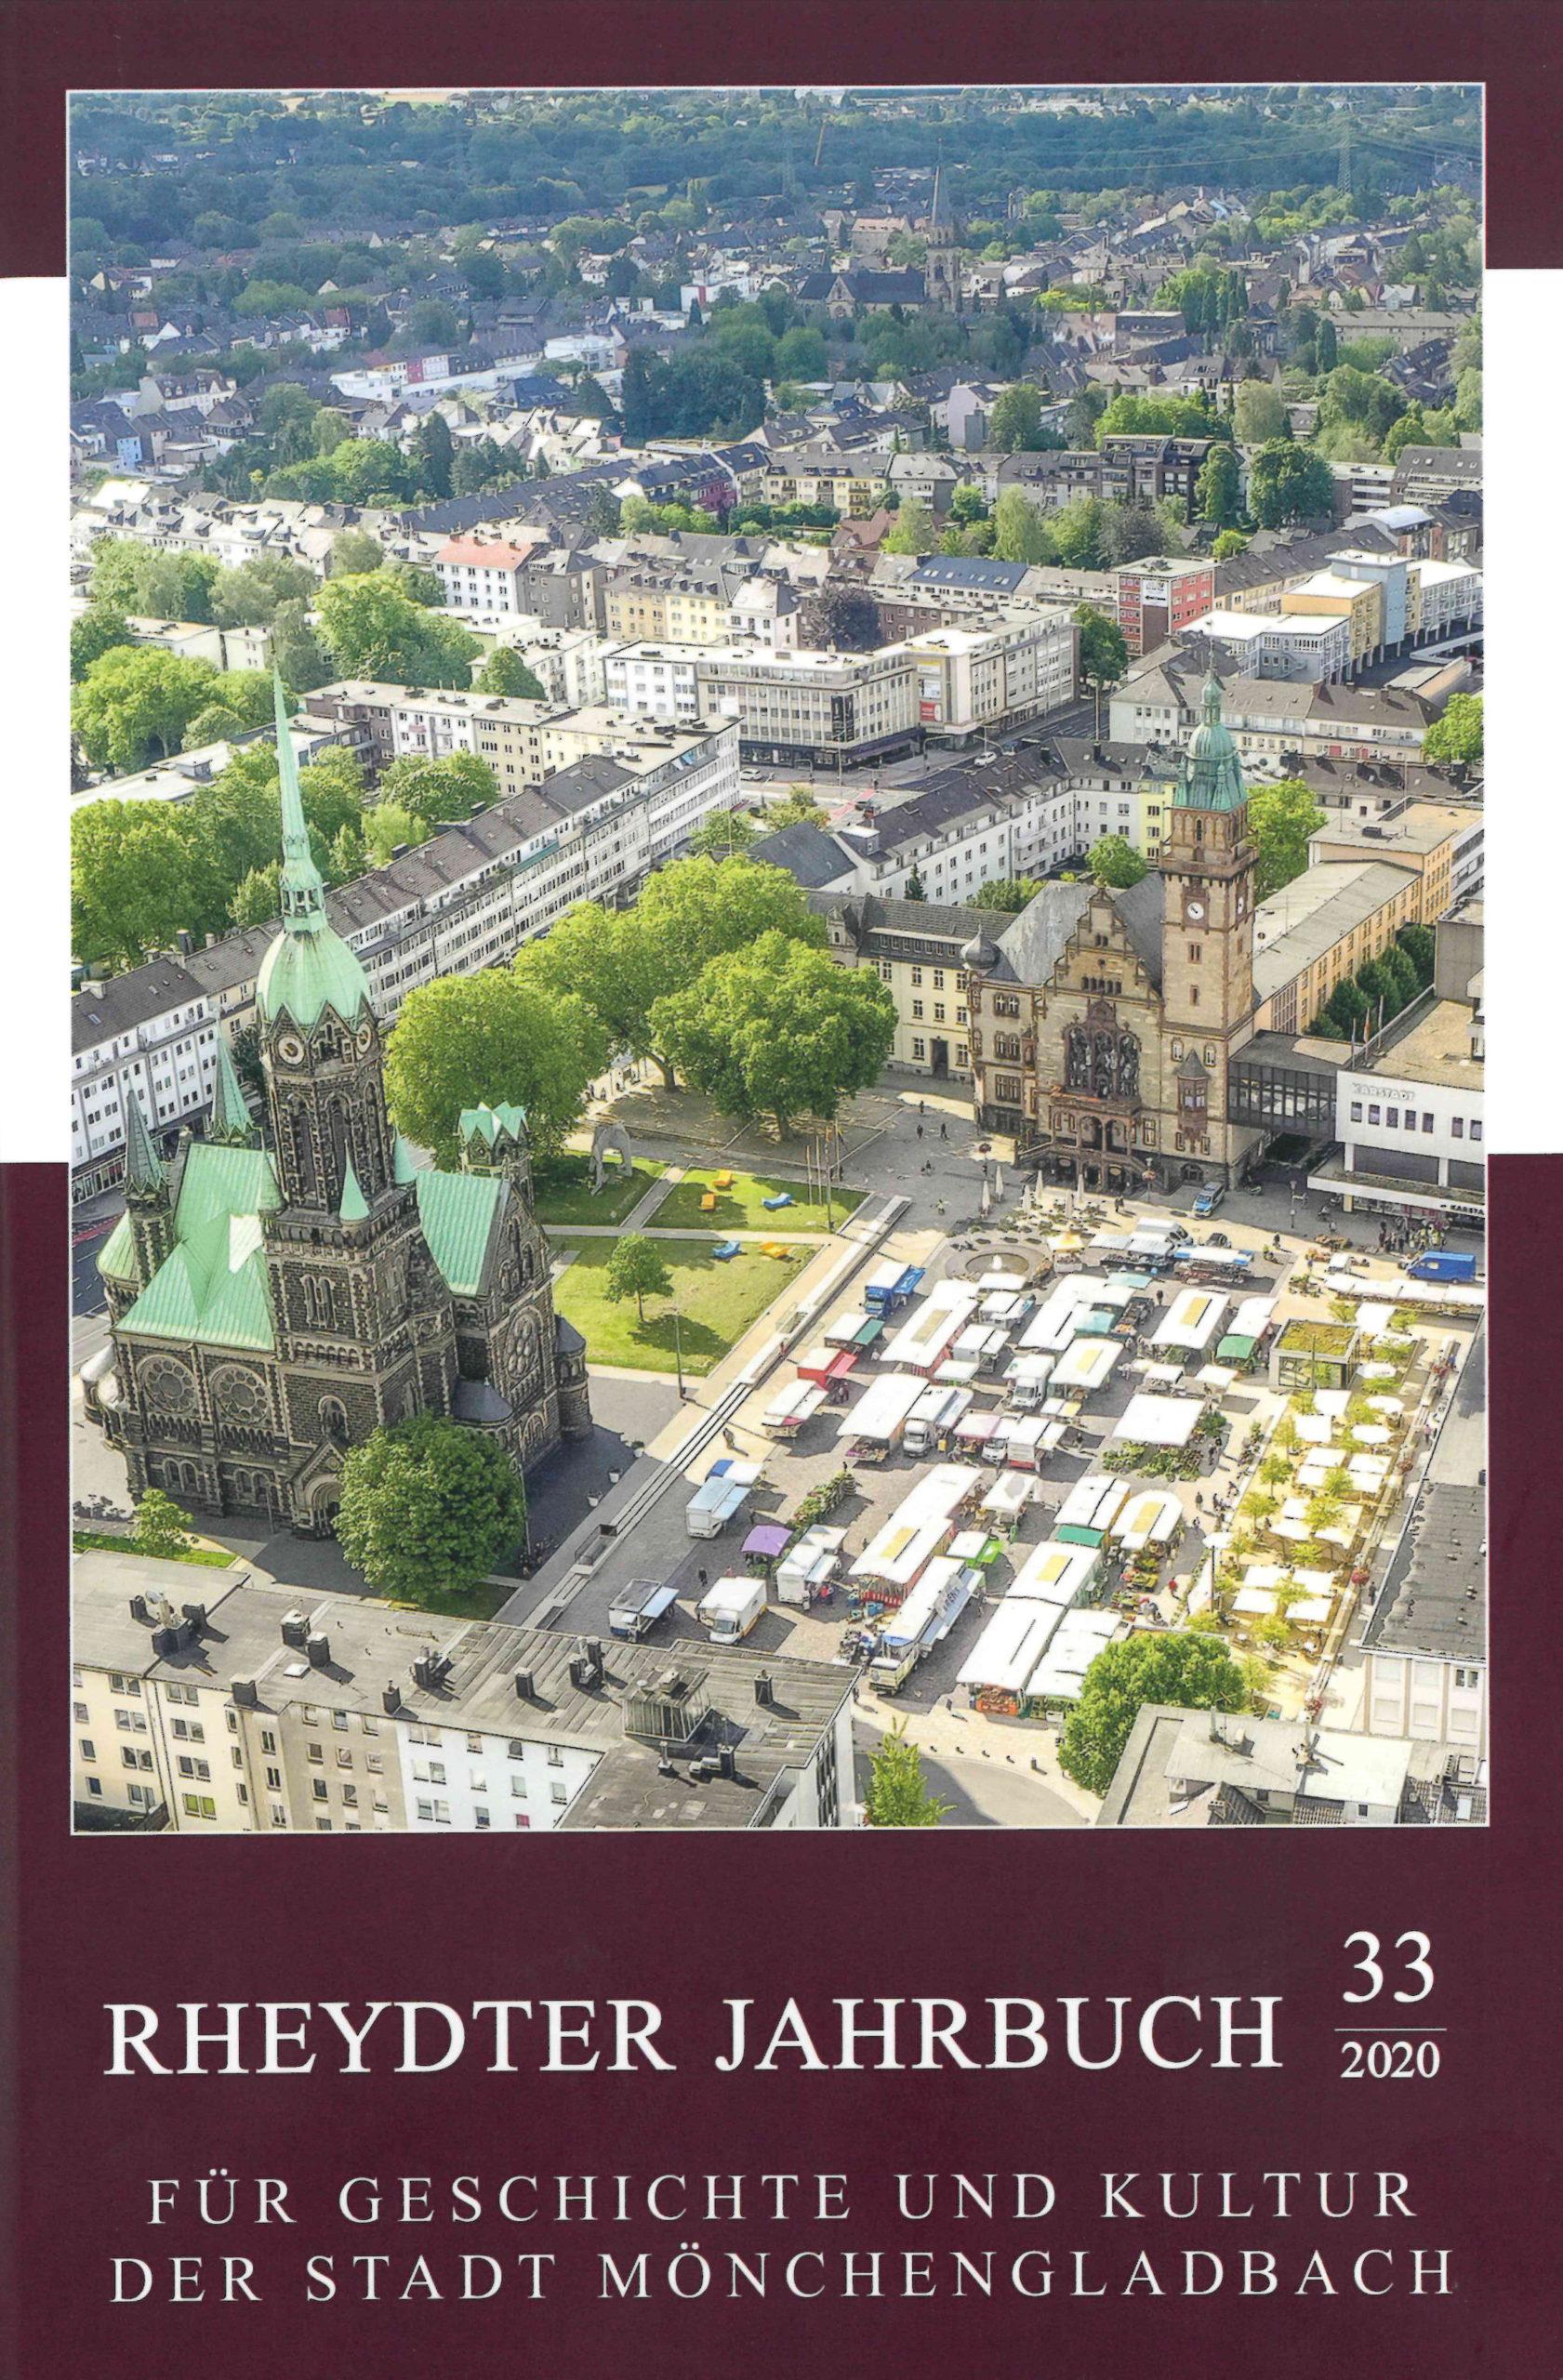 Das neue Rheydter Jahrbuch 2020 ist erschienen!